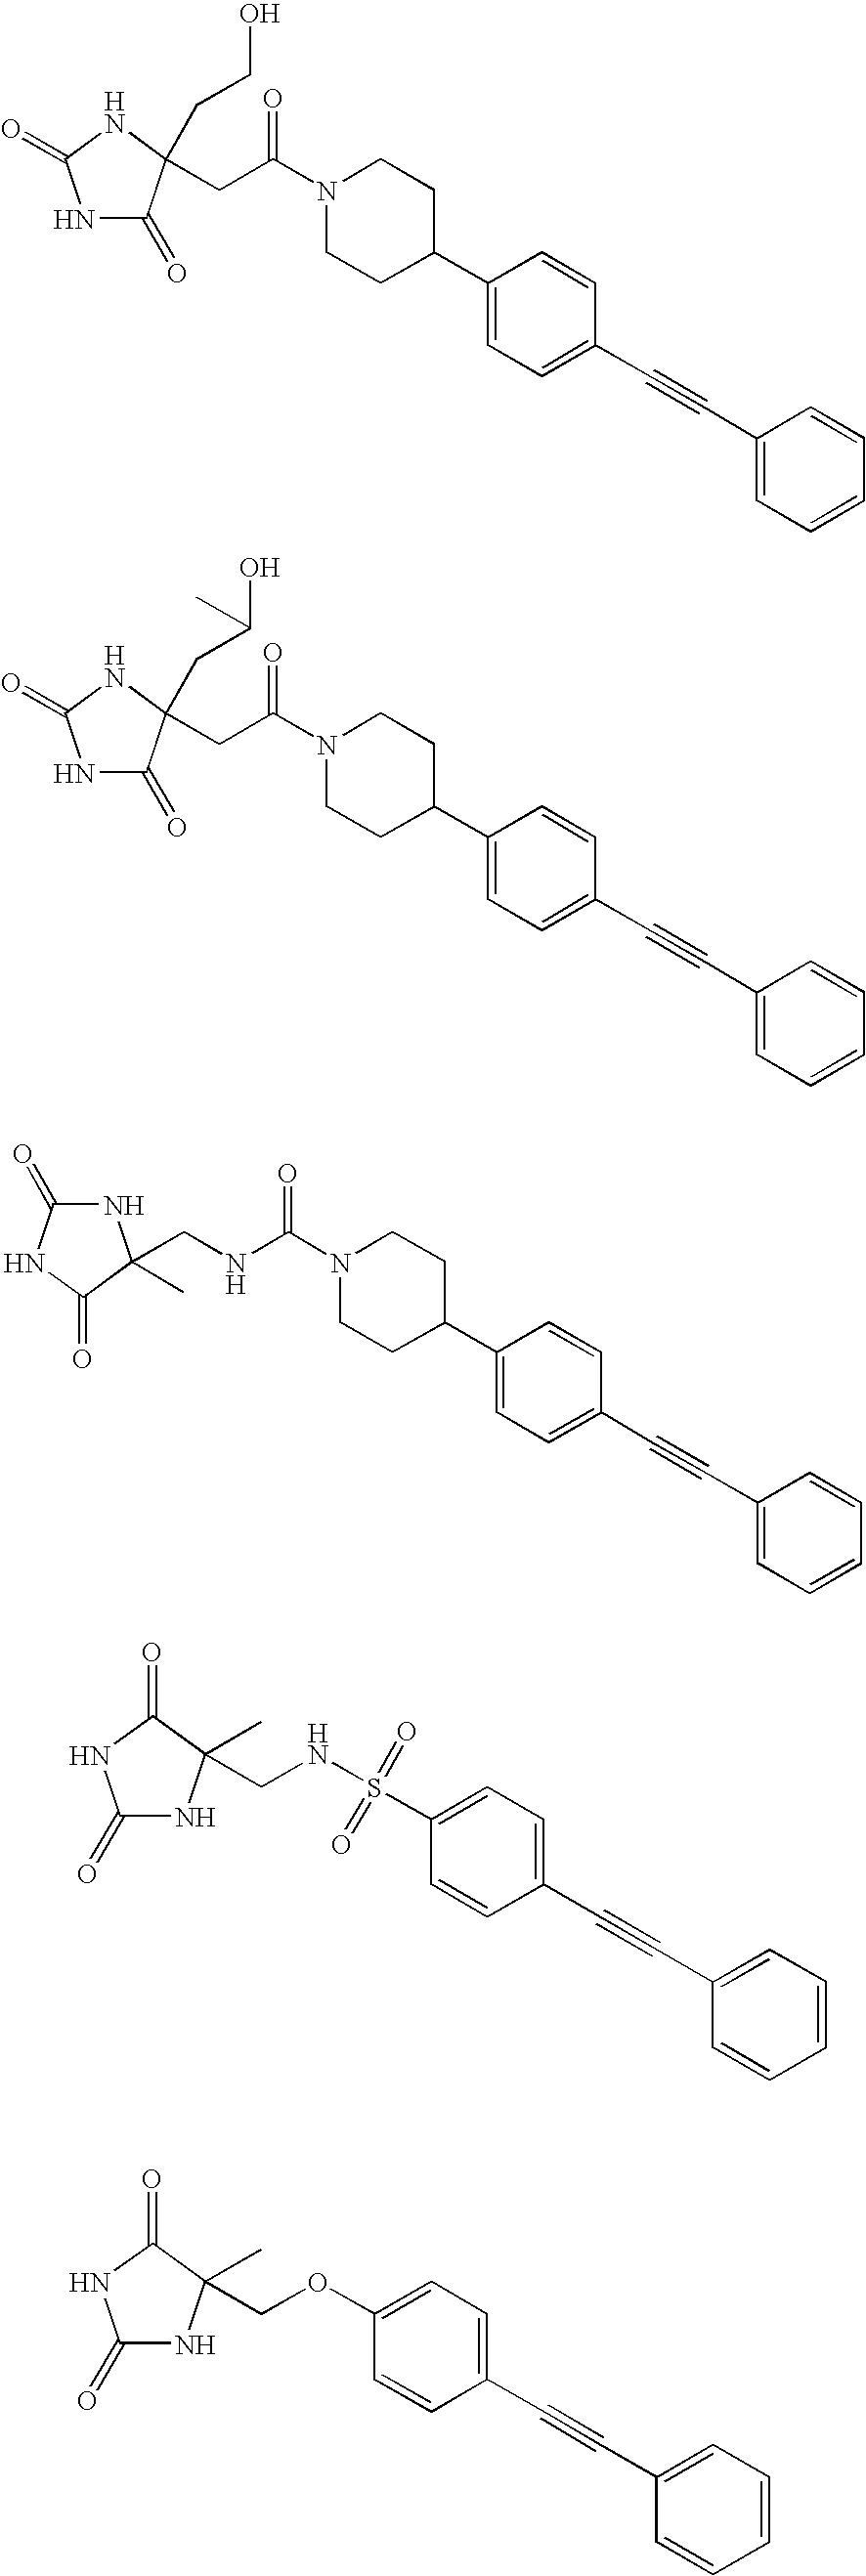 Figure US07998961-20110816-C00009